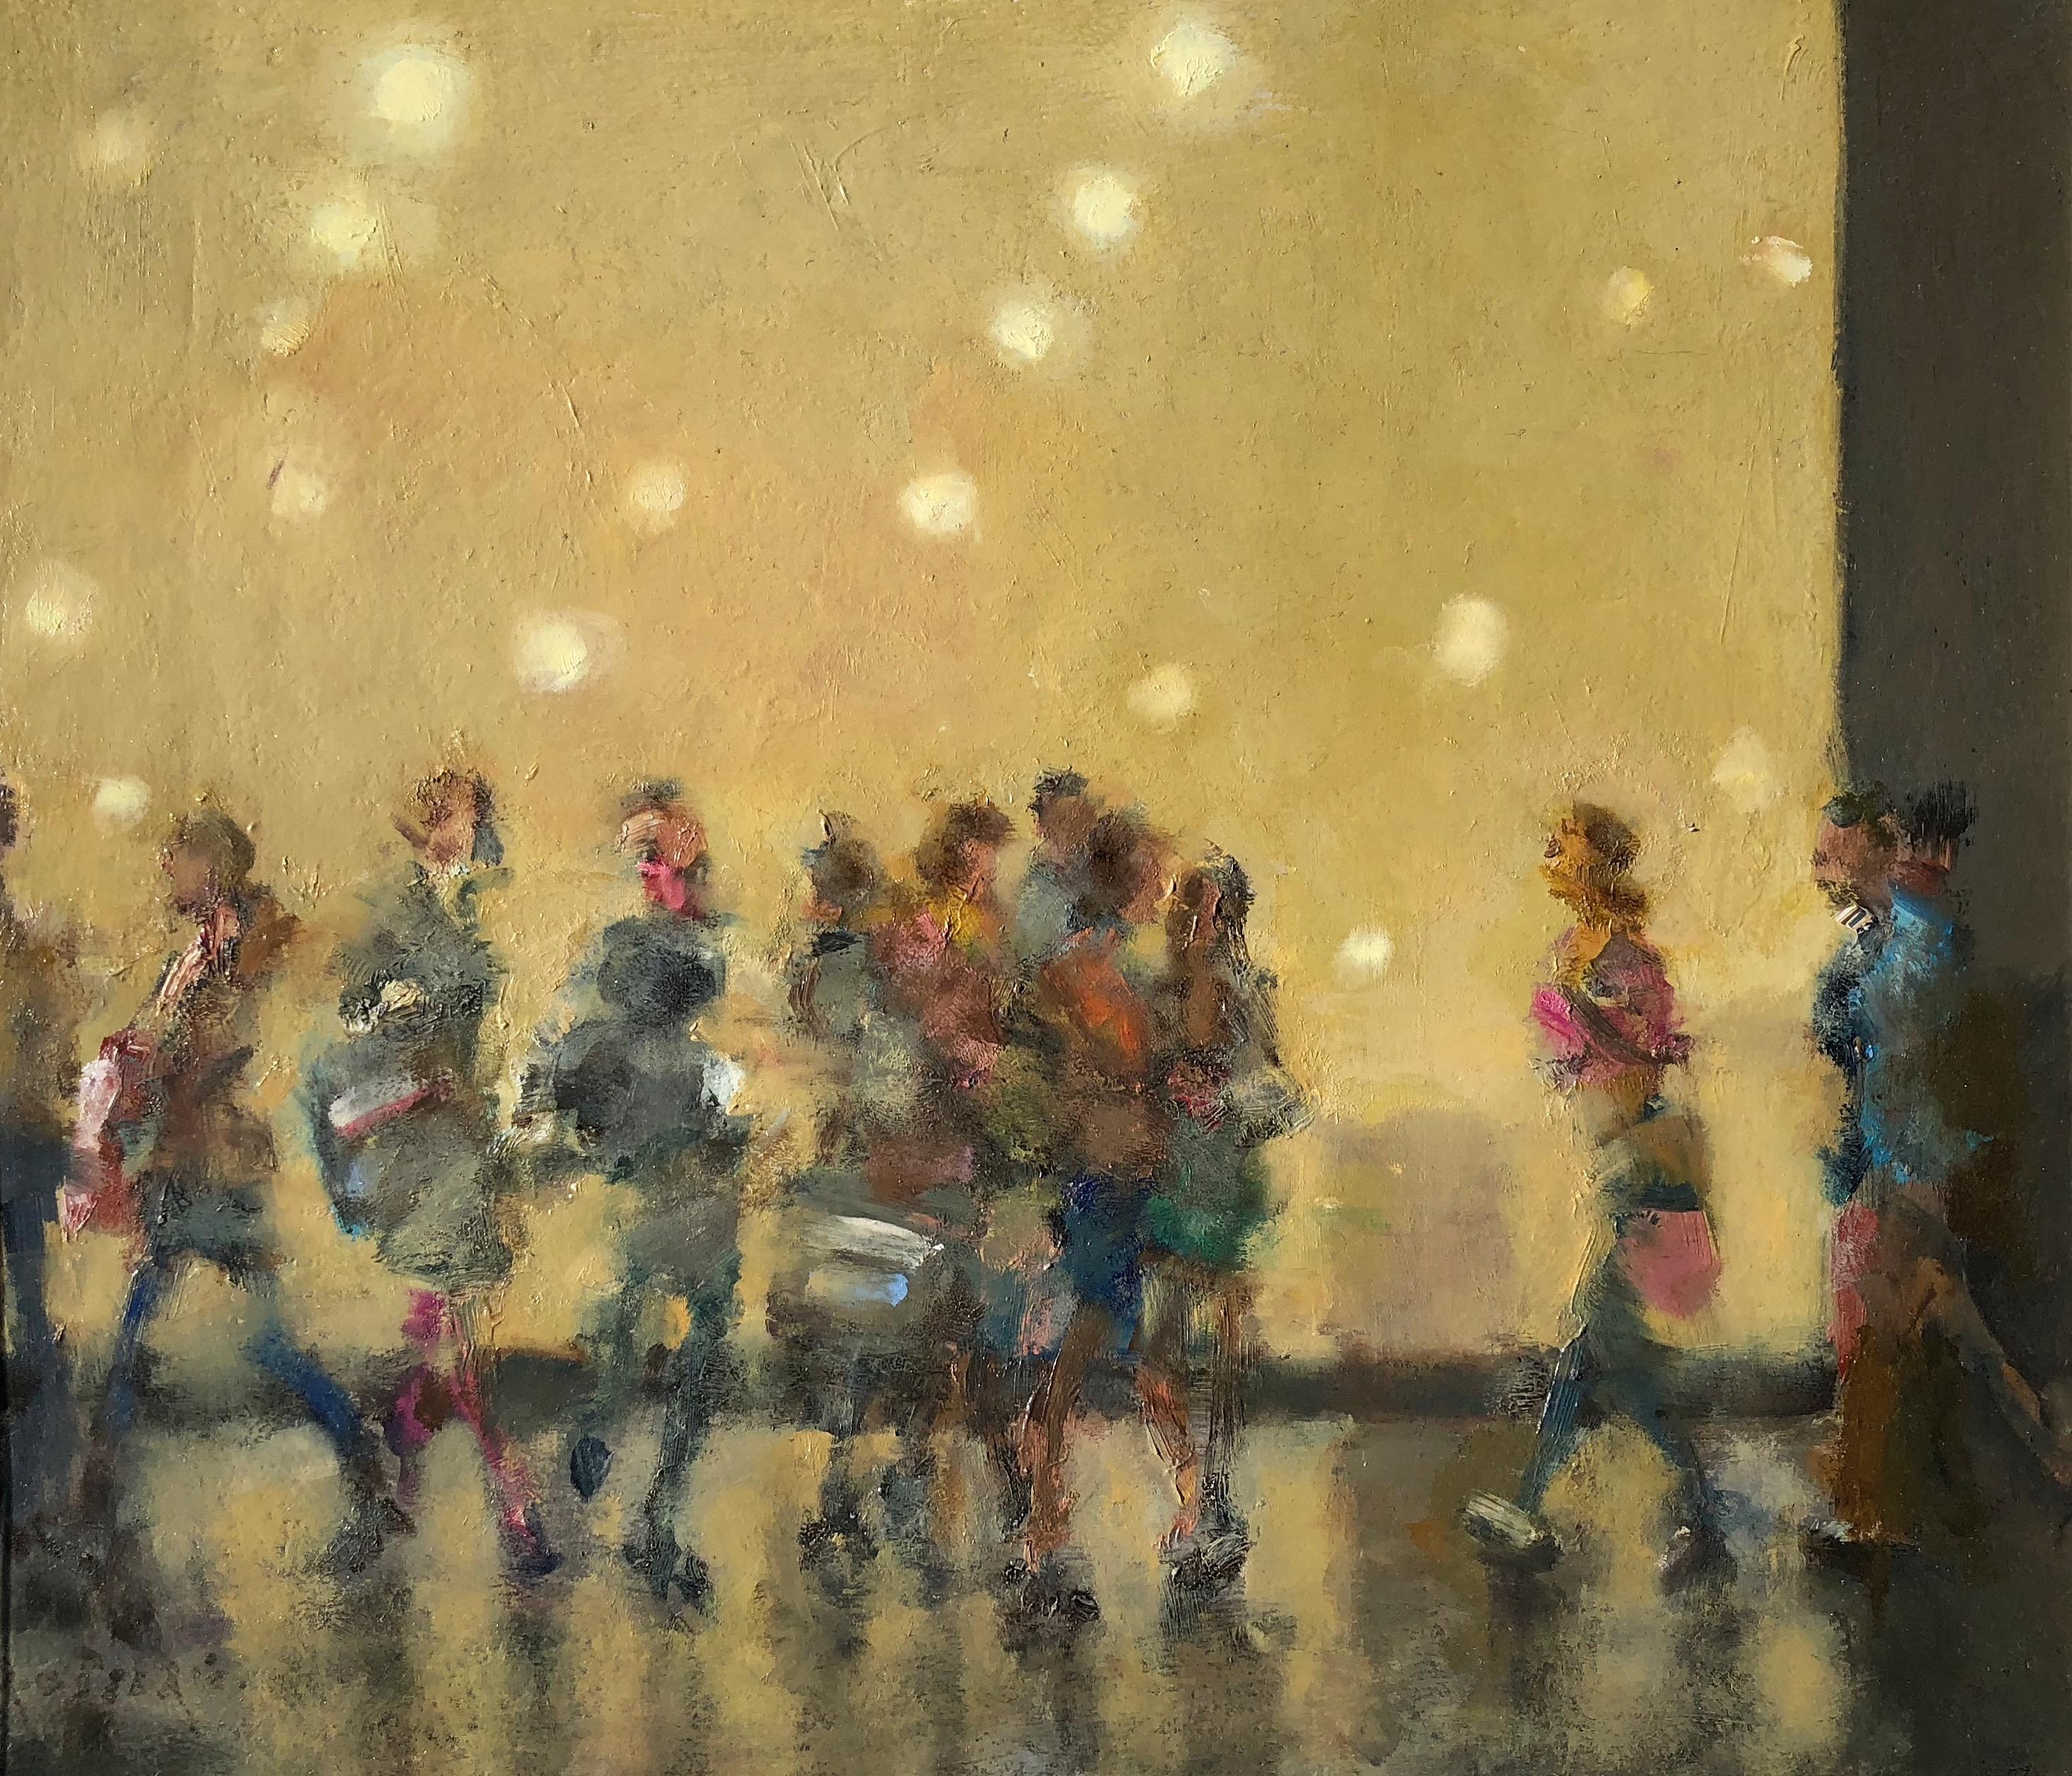 Knightsbridge Shoppers by Rod Pearce